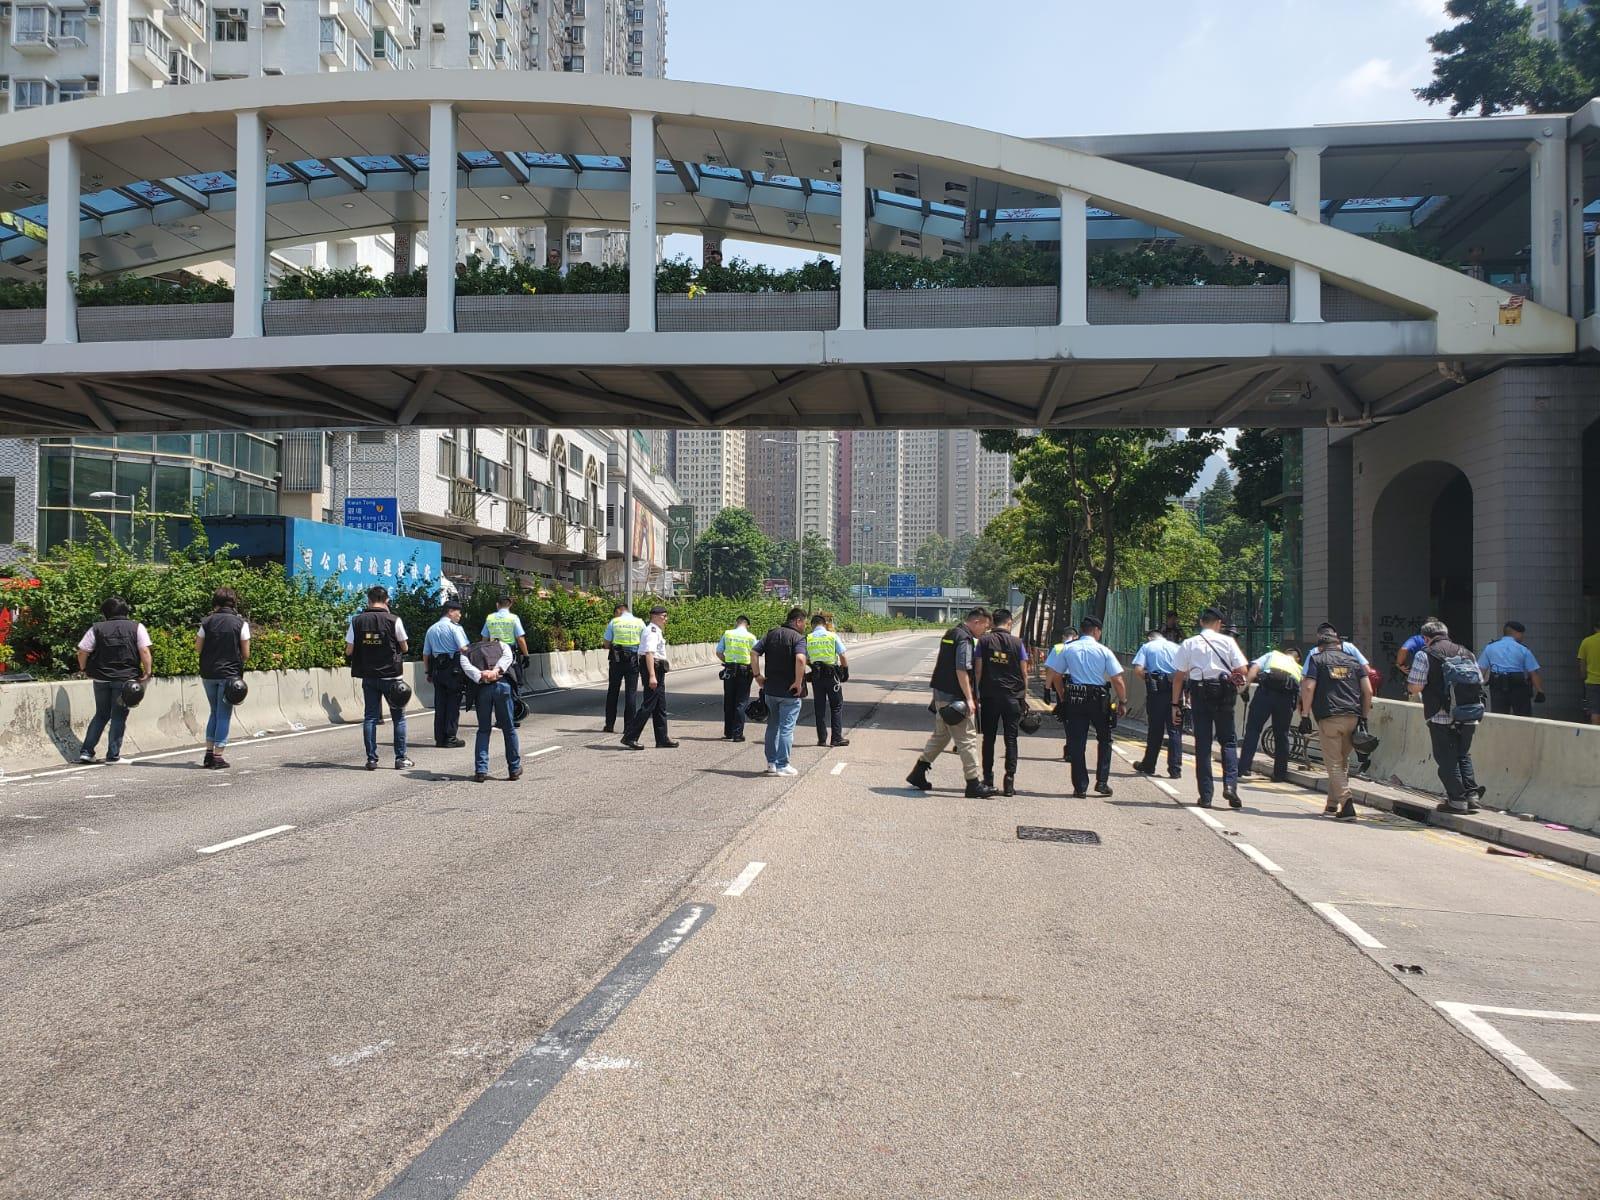 【修例风波】大批警员地毯式搵弹头 龙翔道往荃湾方向一度封路